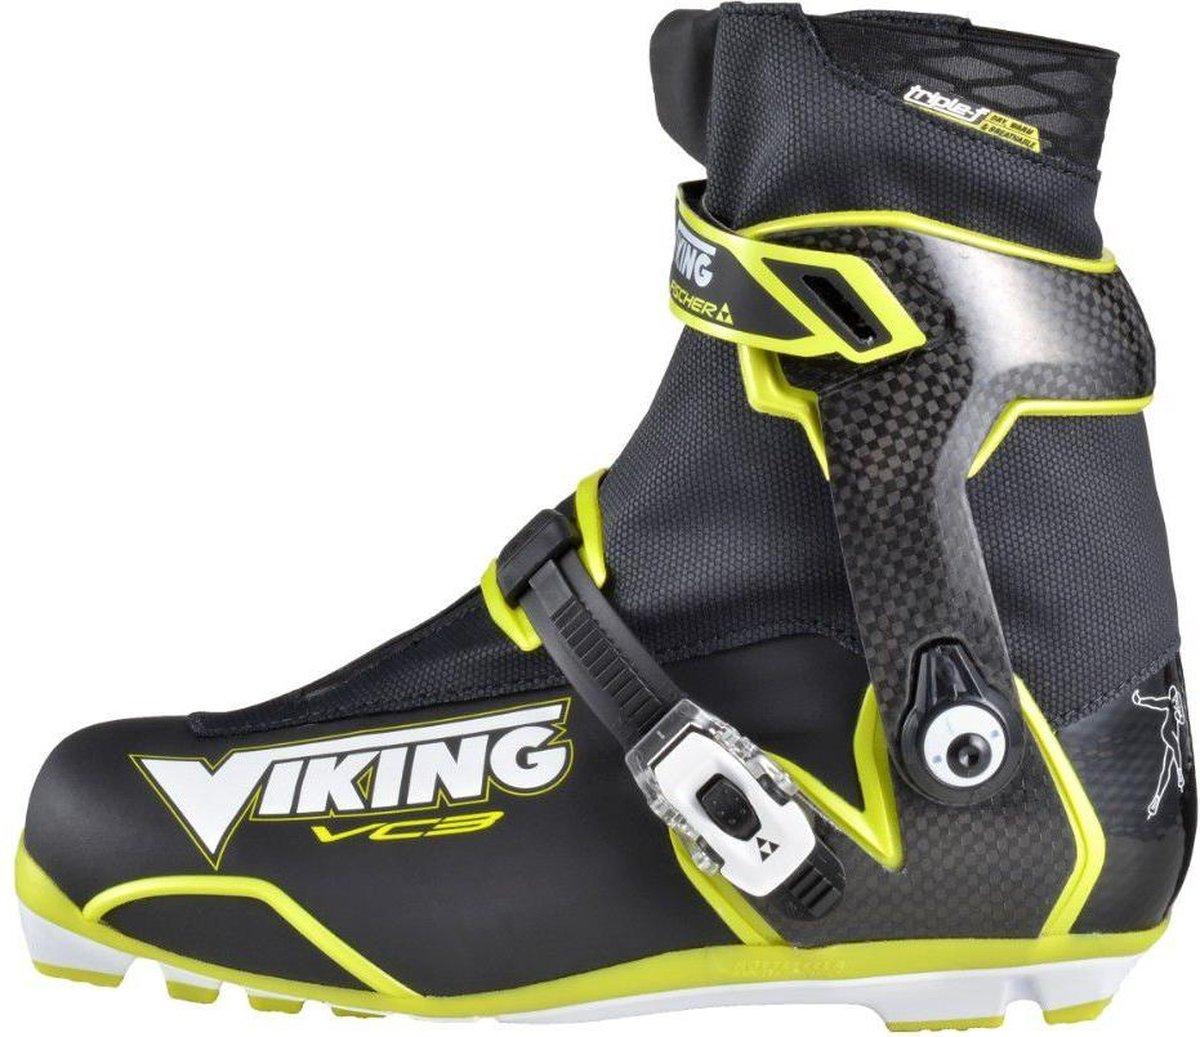 Viking VC3 - alleen schoen - exclusief onderstel - (schoen valt klein)